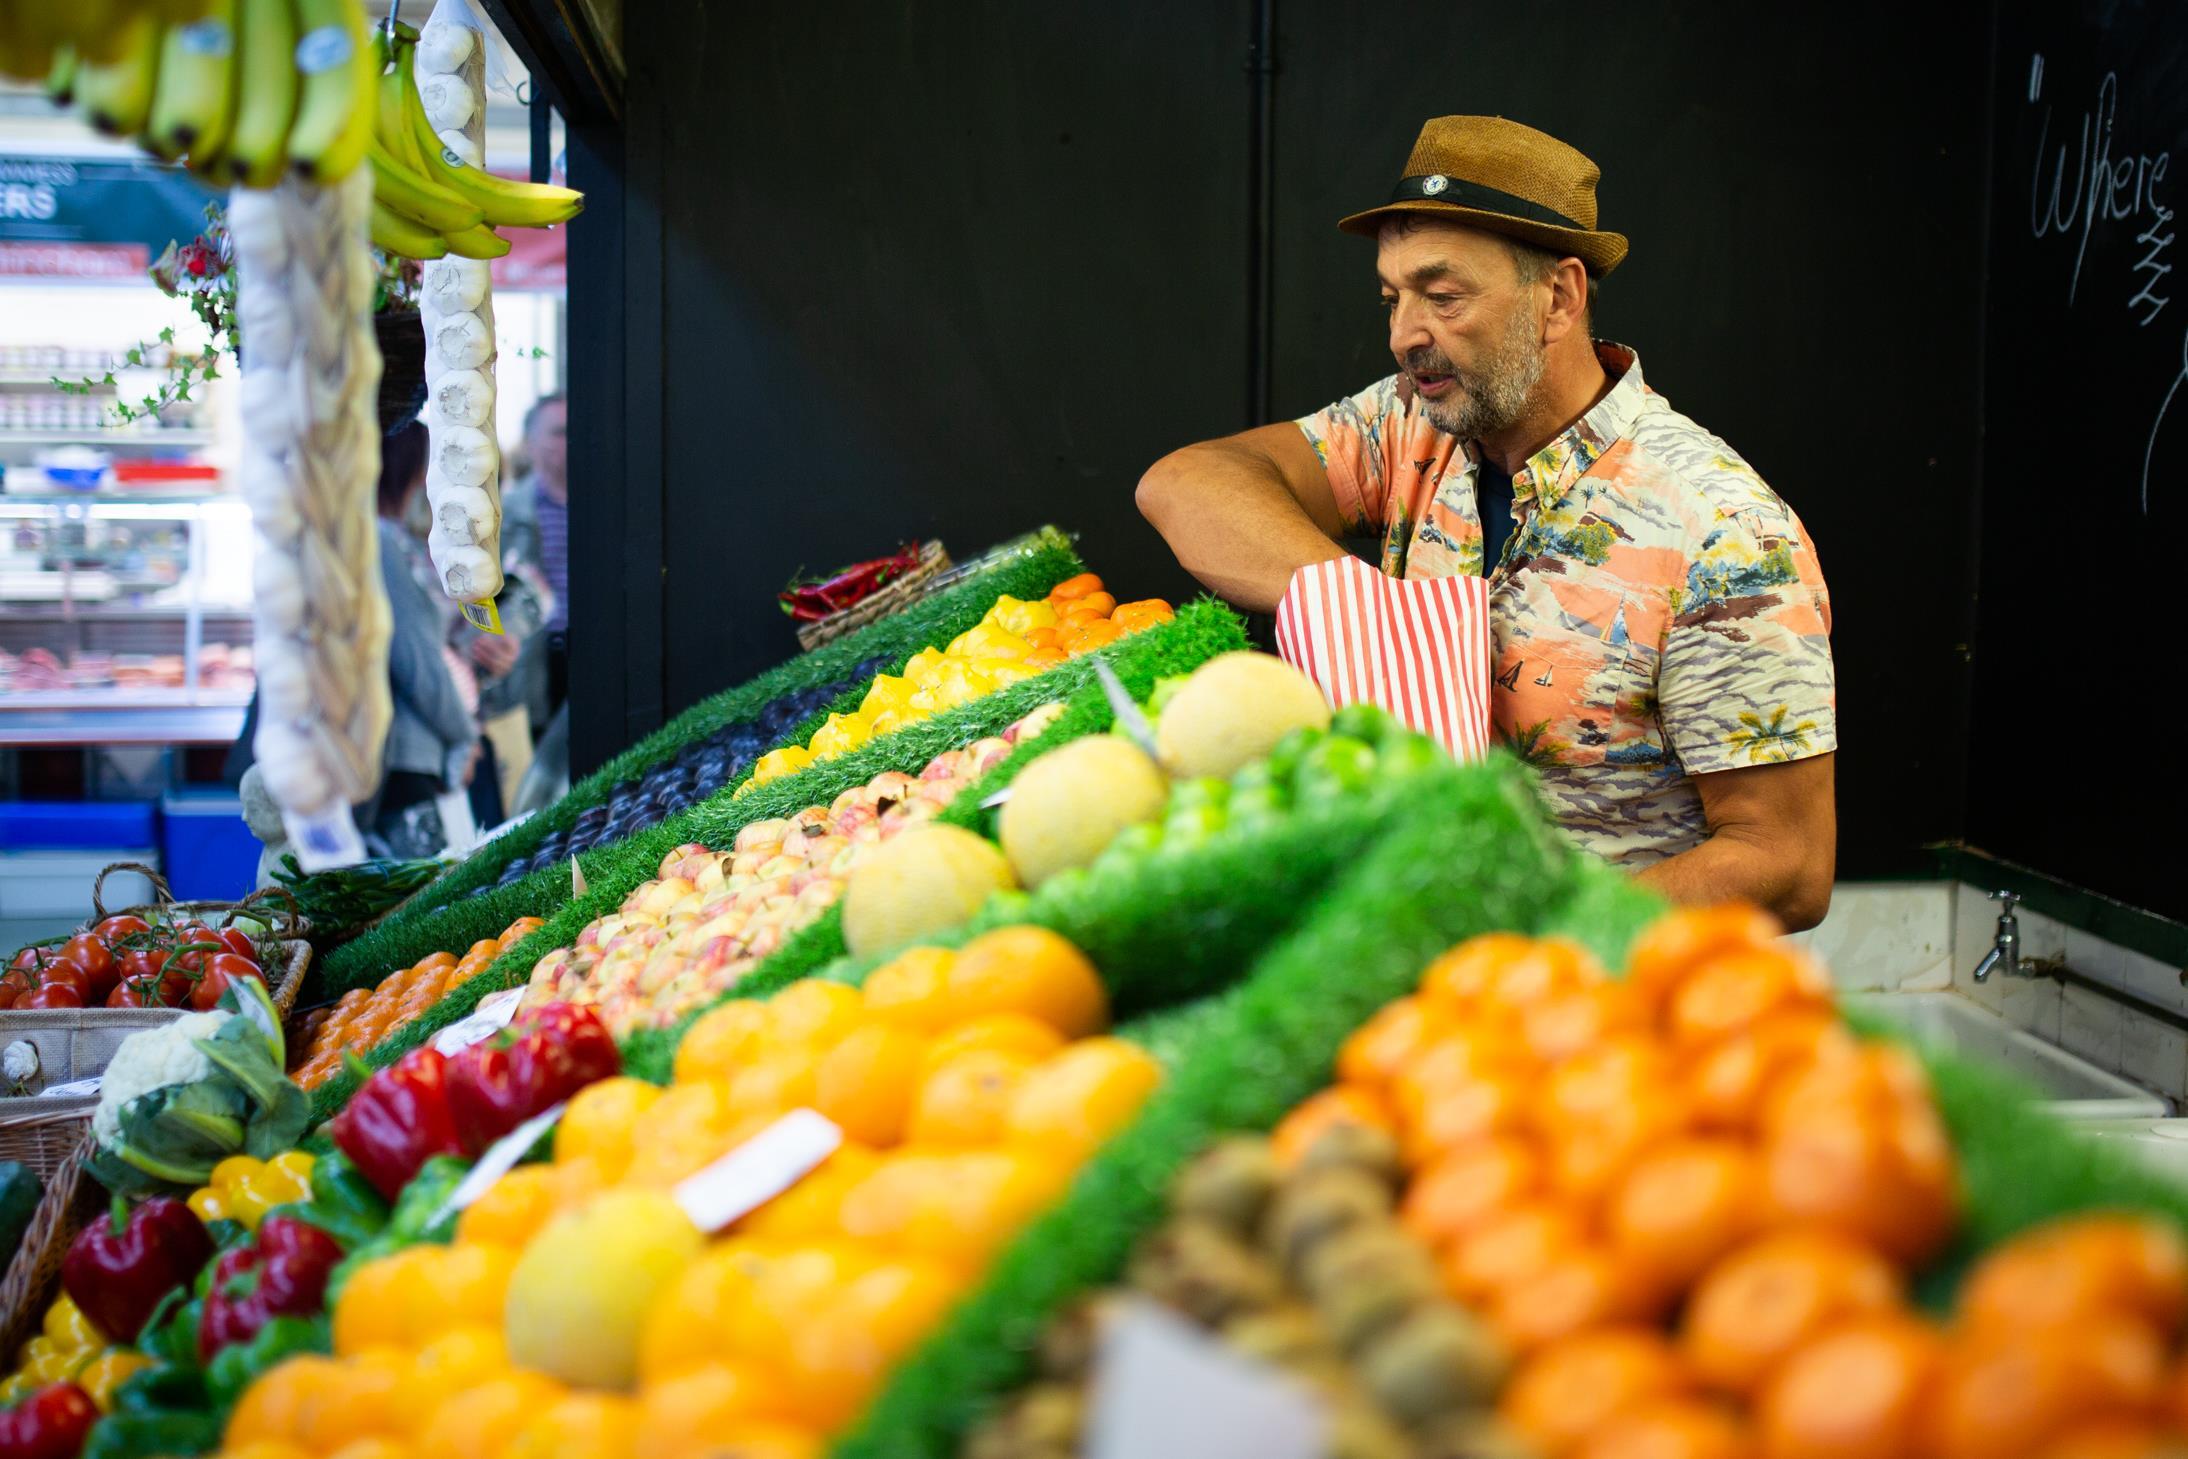 Market Trader bagging fruit